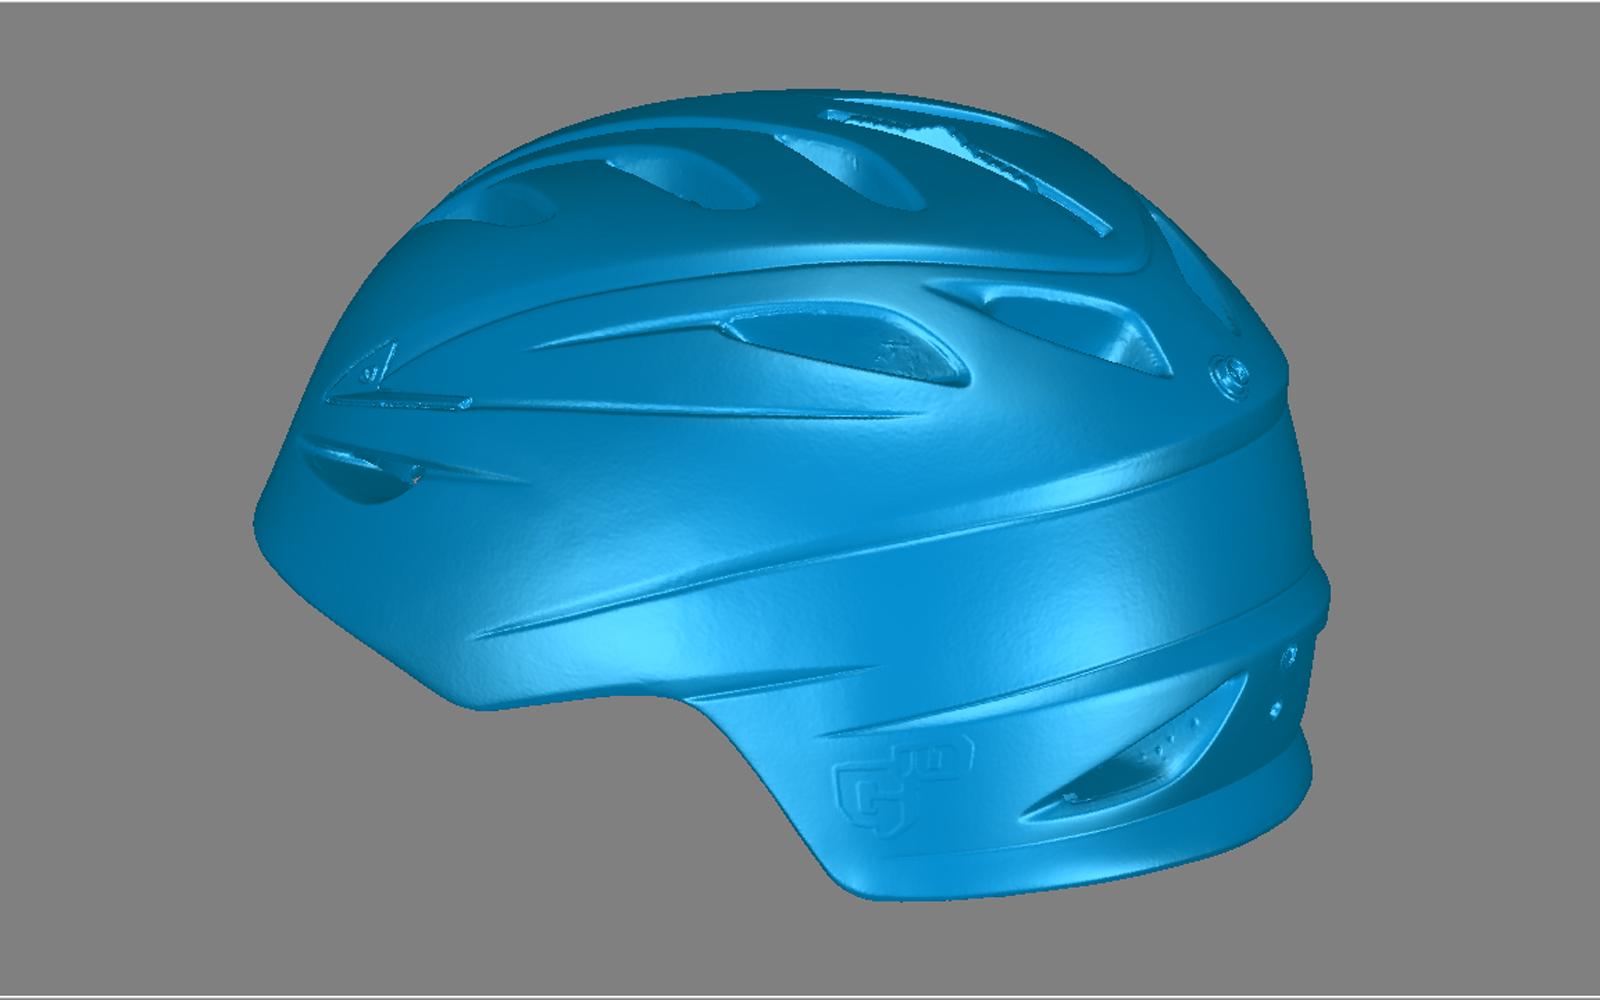 Conap 3D Reverse Engineering - Skihelm während des 3D Scan